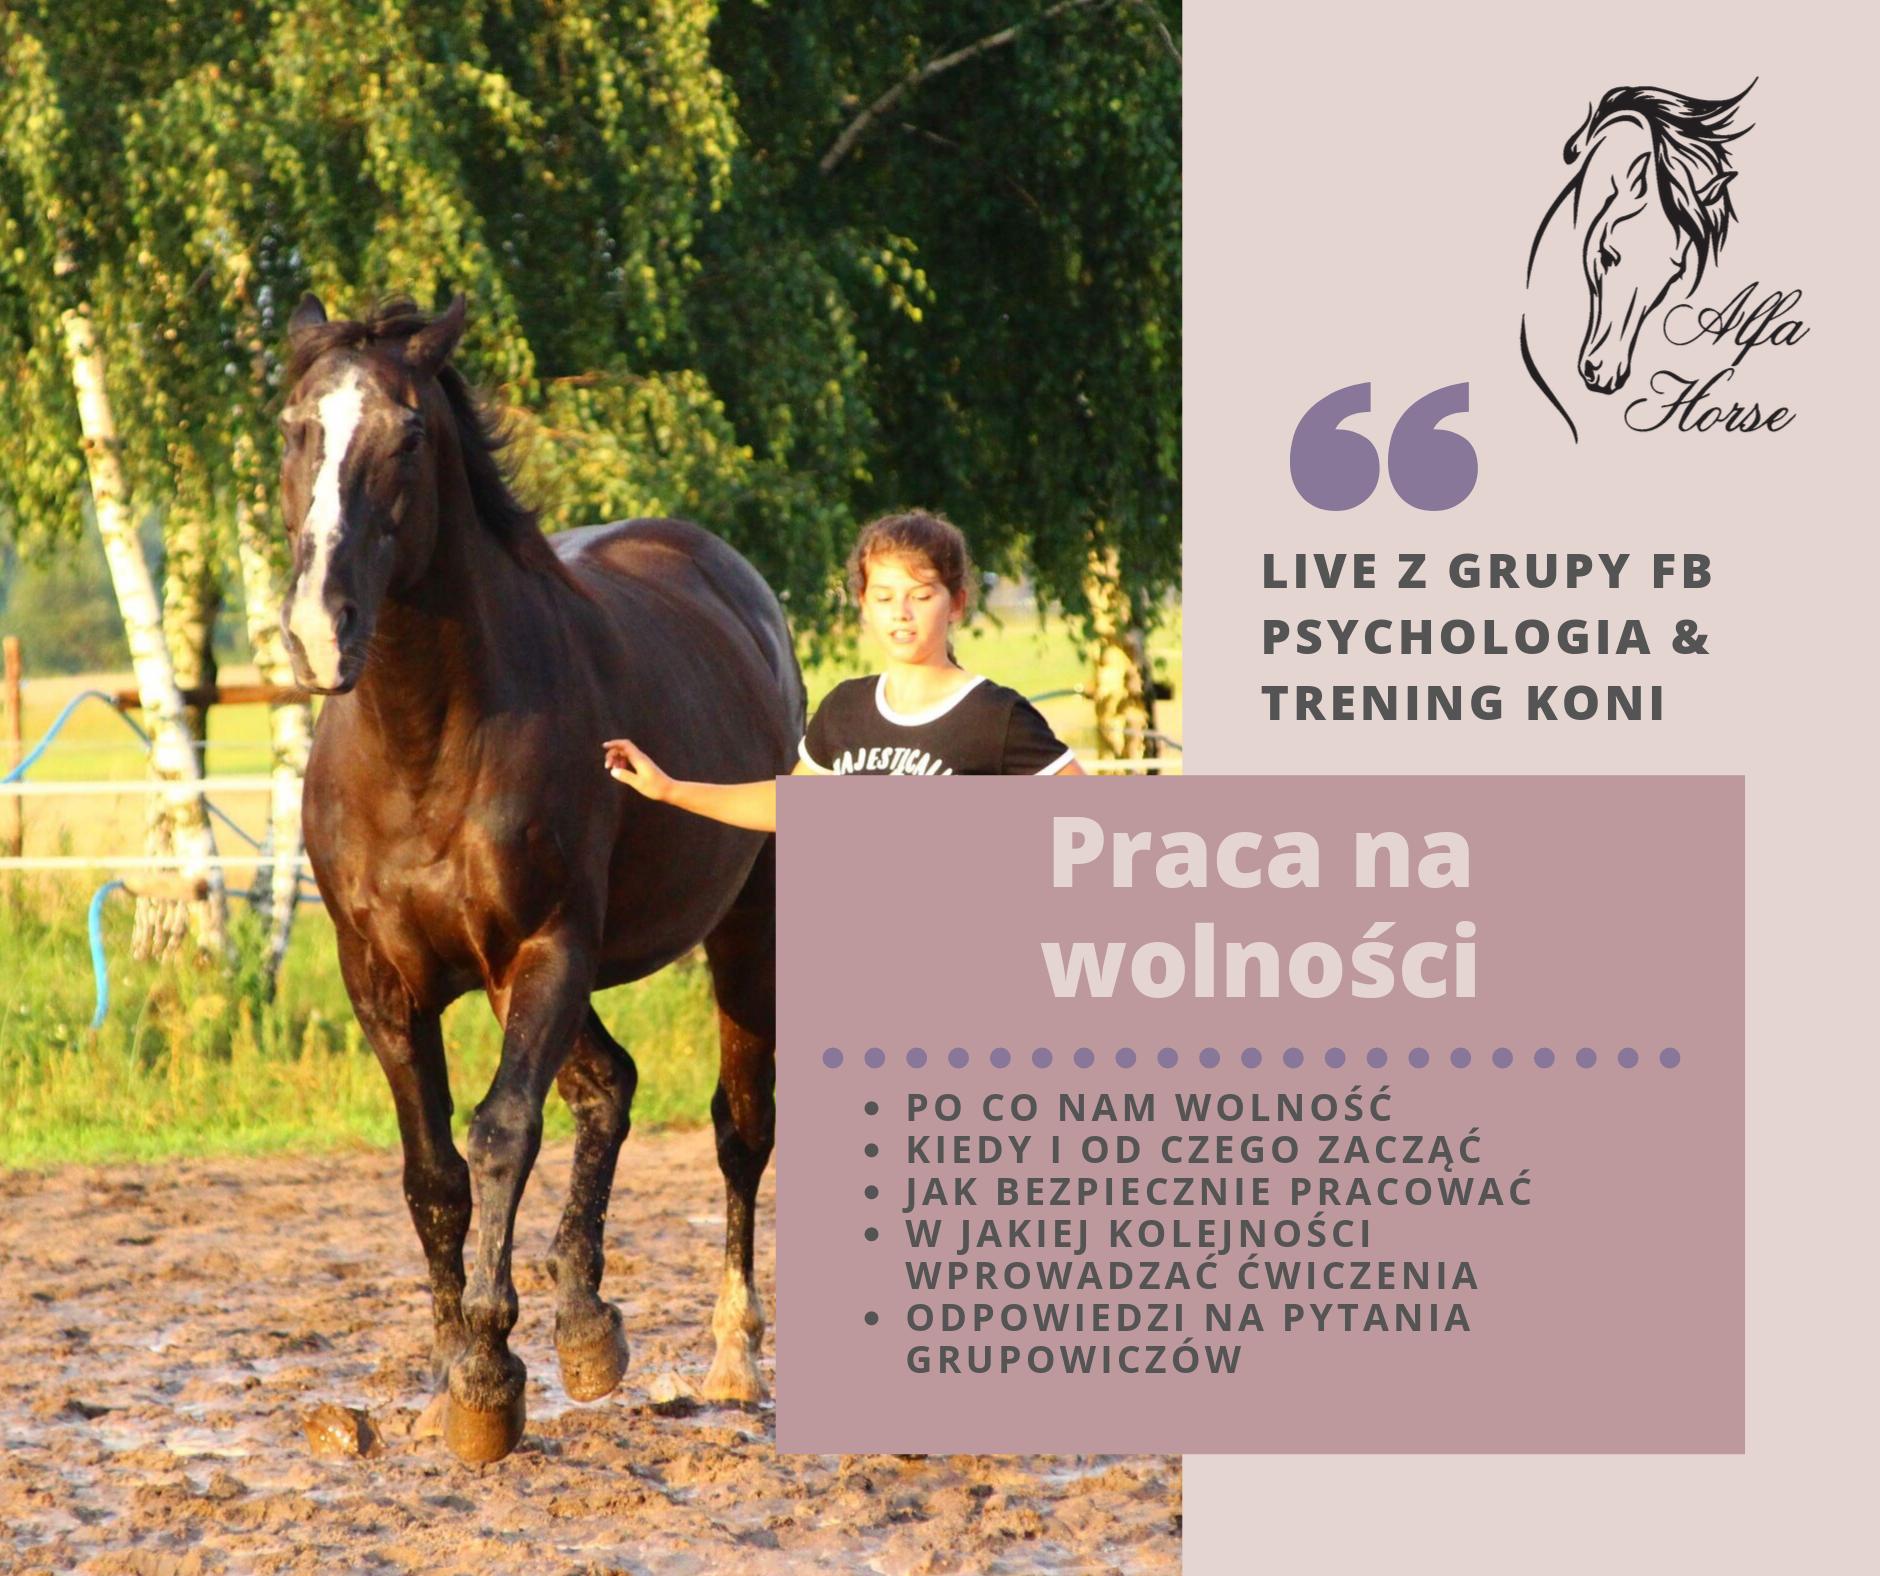 trening_koni_na_wolnosci_live